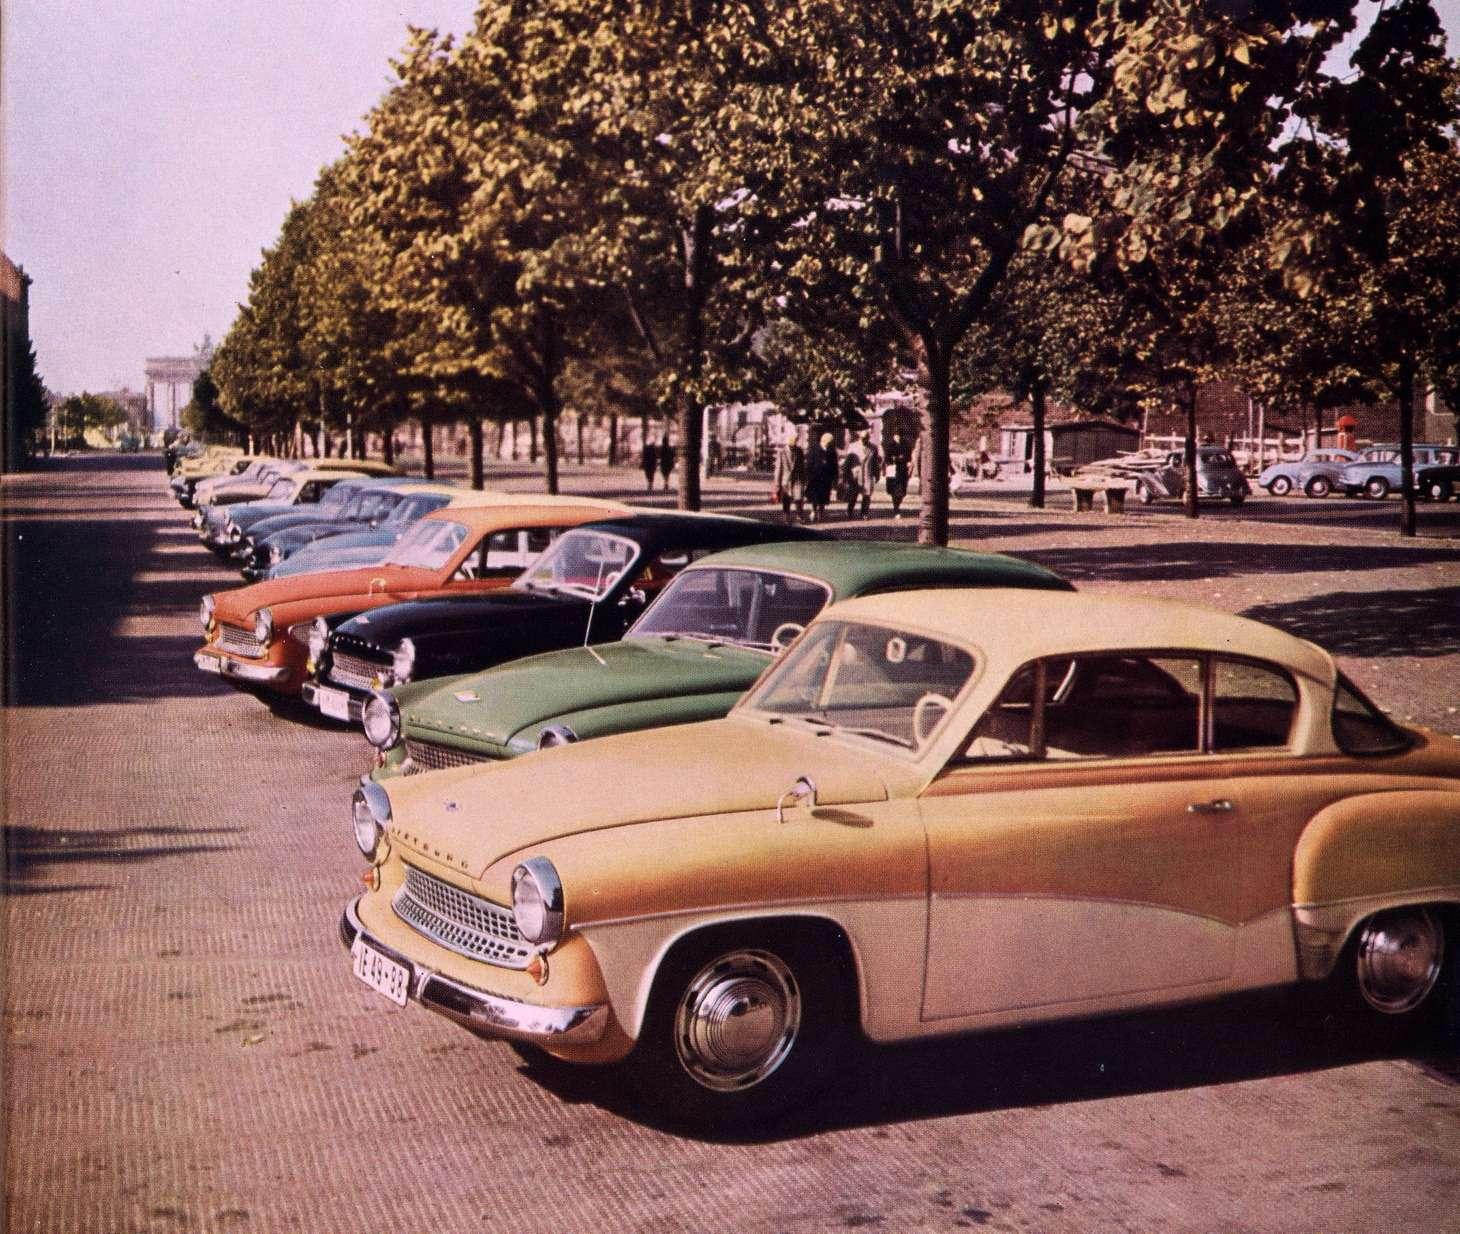 Первой моделью, вновь получившей название Wartburg, стала в1955 году AWE-311. Без преувеличения, это был самый красивый легковой автомобиль восточного блока. ВСССР все еще делали «Победу»…Снимок сделан вБерлине наУнтер-ден-Линден, напротив советского посольства